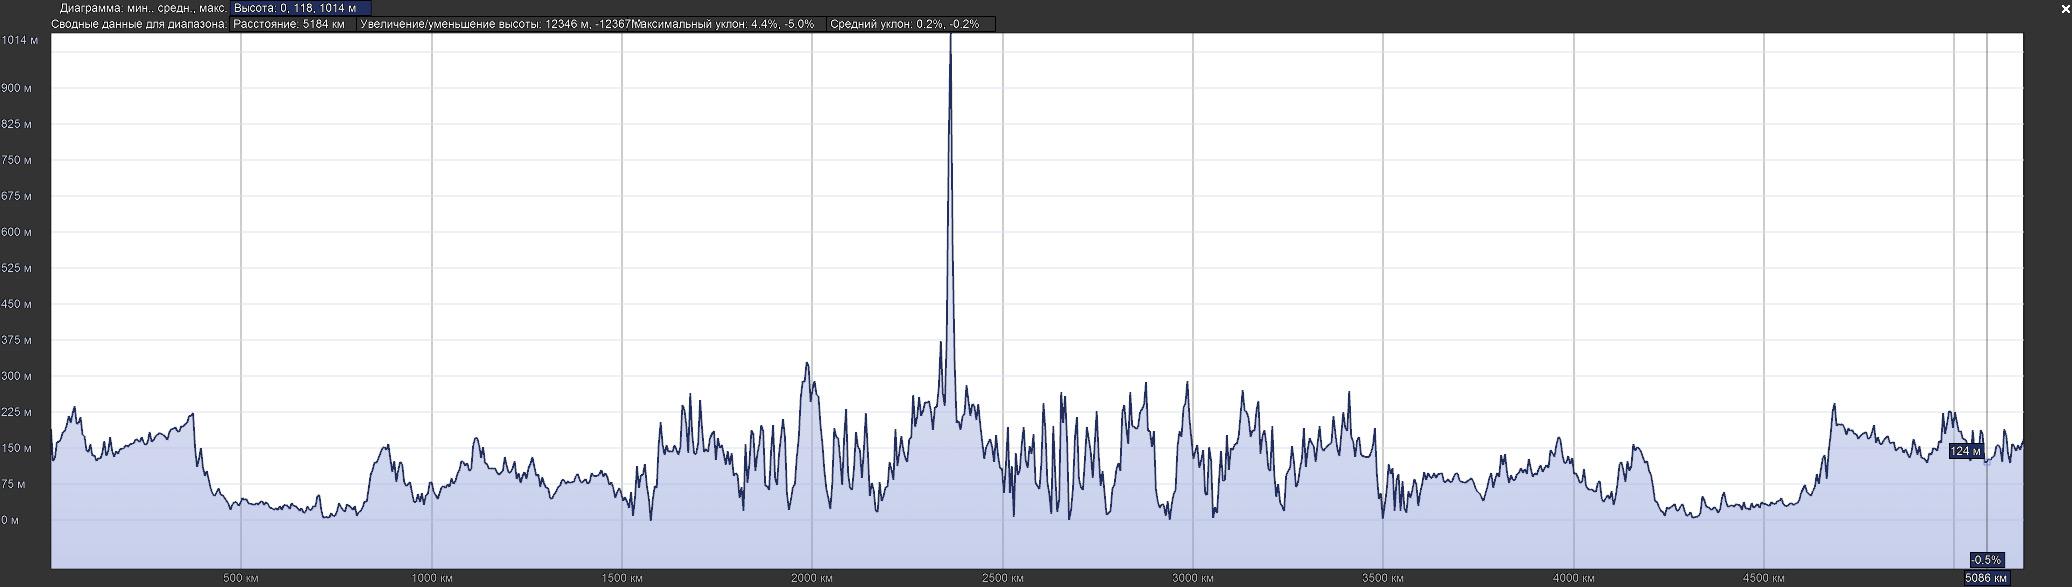 График высот gps трека locme полученный с помощью трекера iON Connect